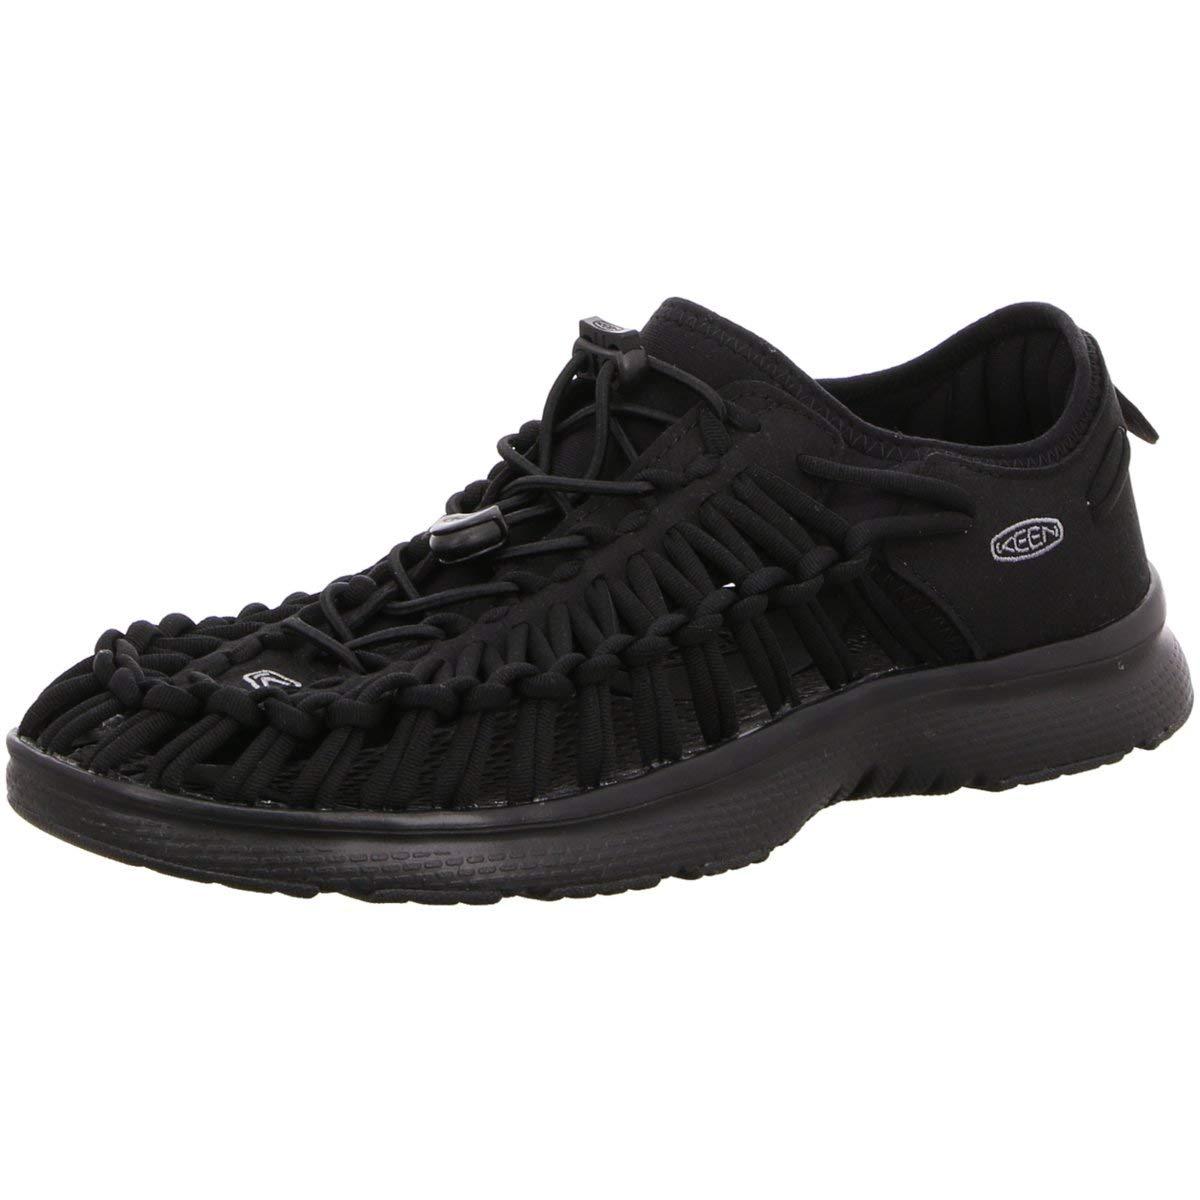 [キーン] メンズ 男性用 シューズ 靴 サンダル フラット Uneek O2 - Black/Black [並行輸入品] 7.5 D - Medium  B07C8GJ2T5